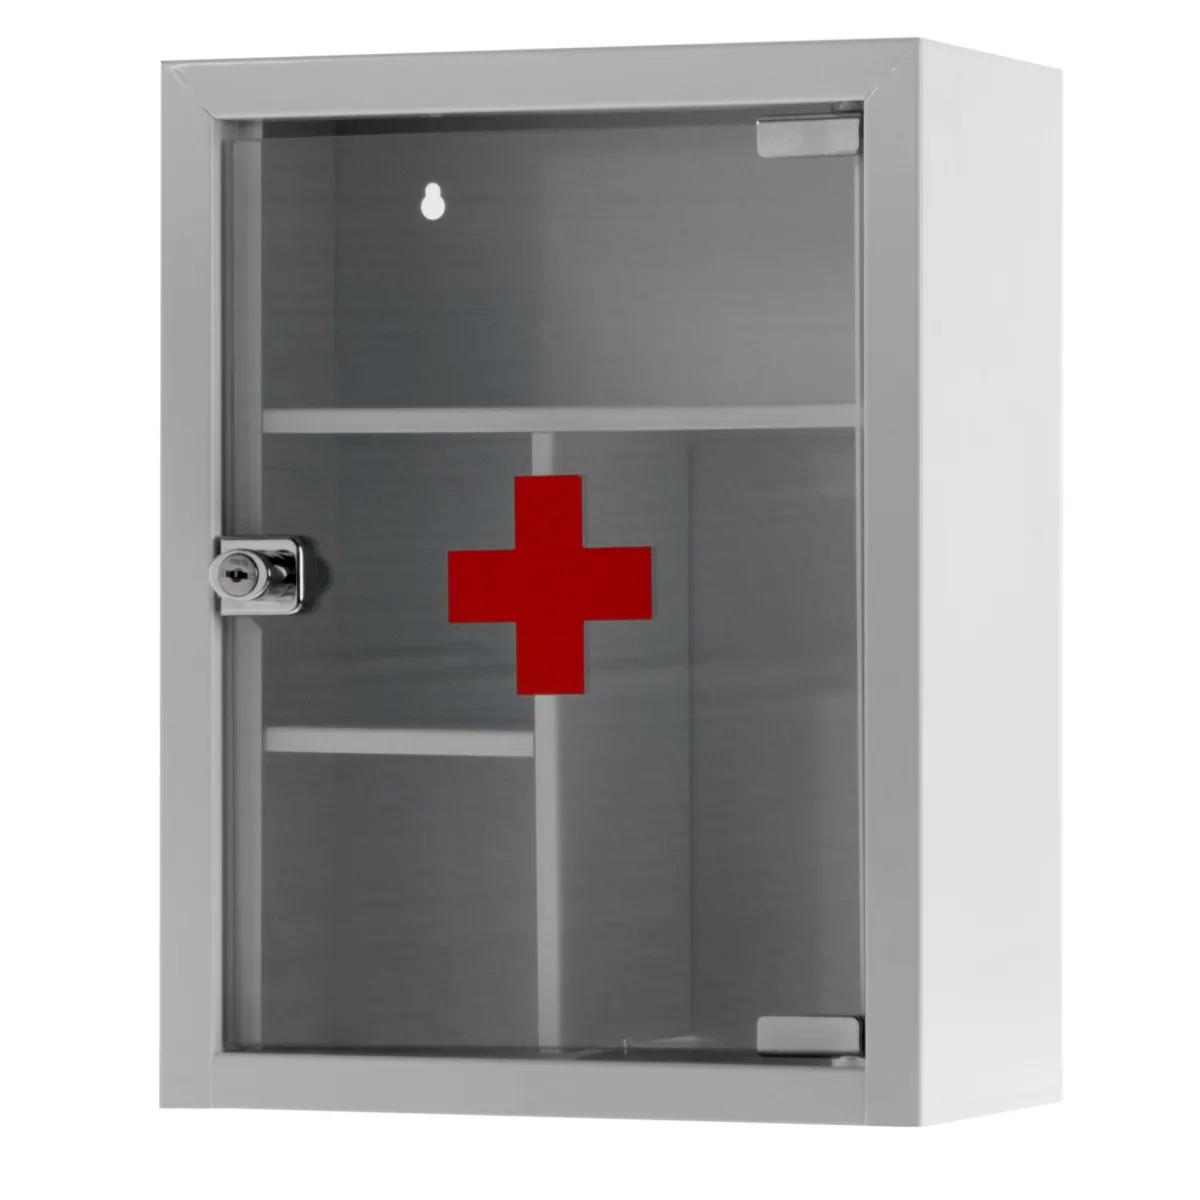 Шкаф для хранения лекарственных средств по оказанию первой помощи